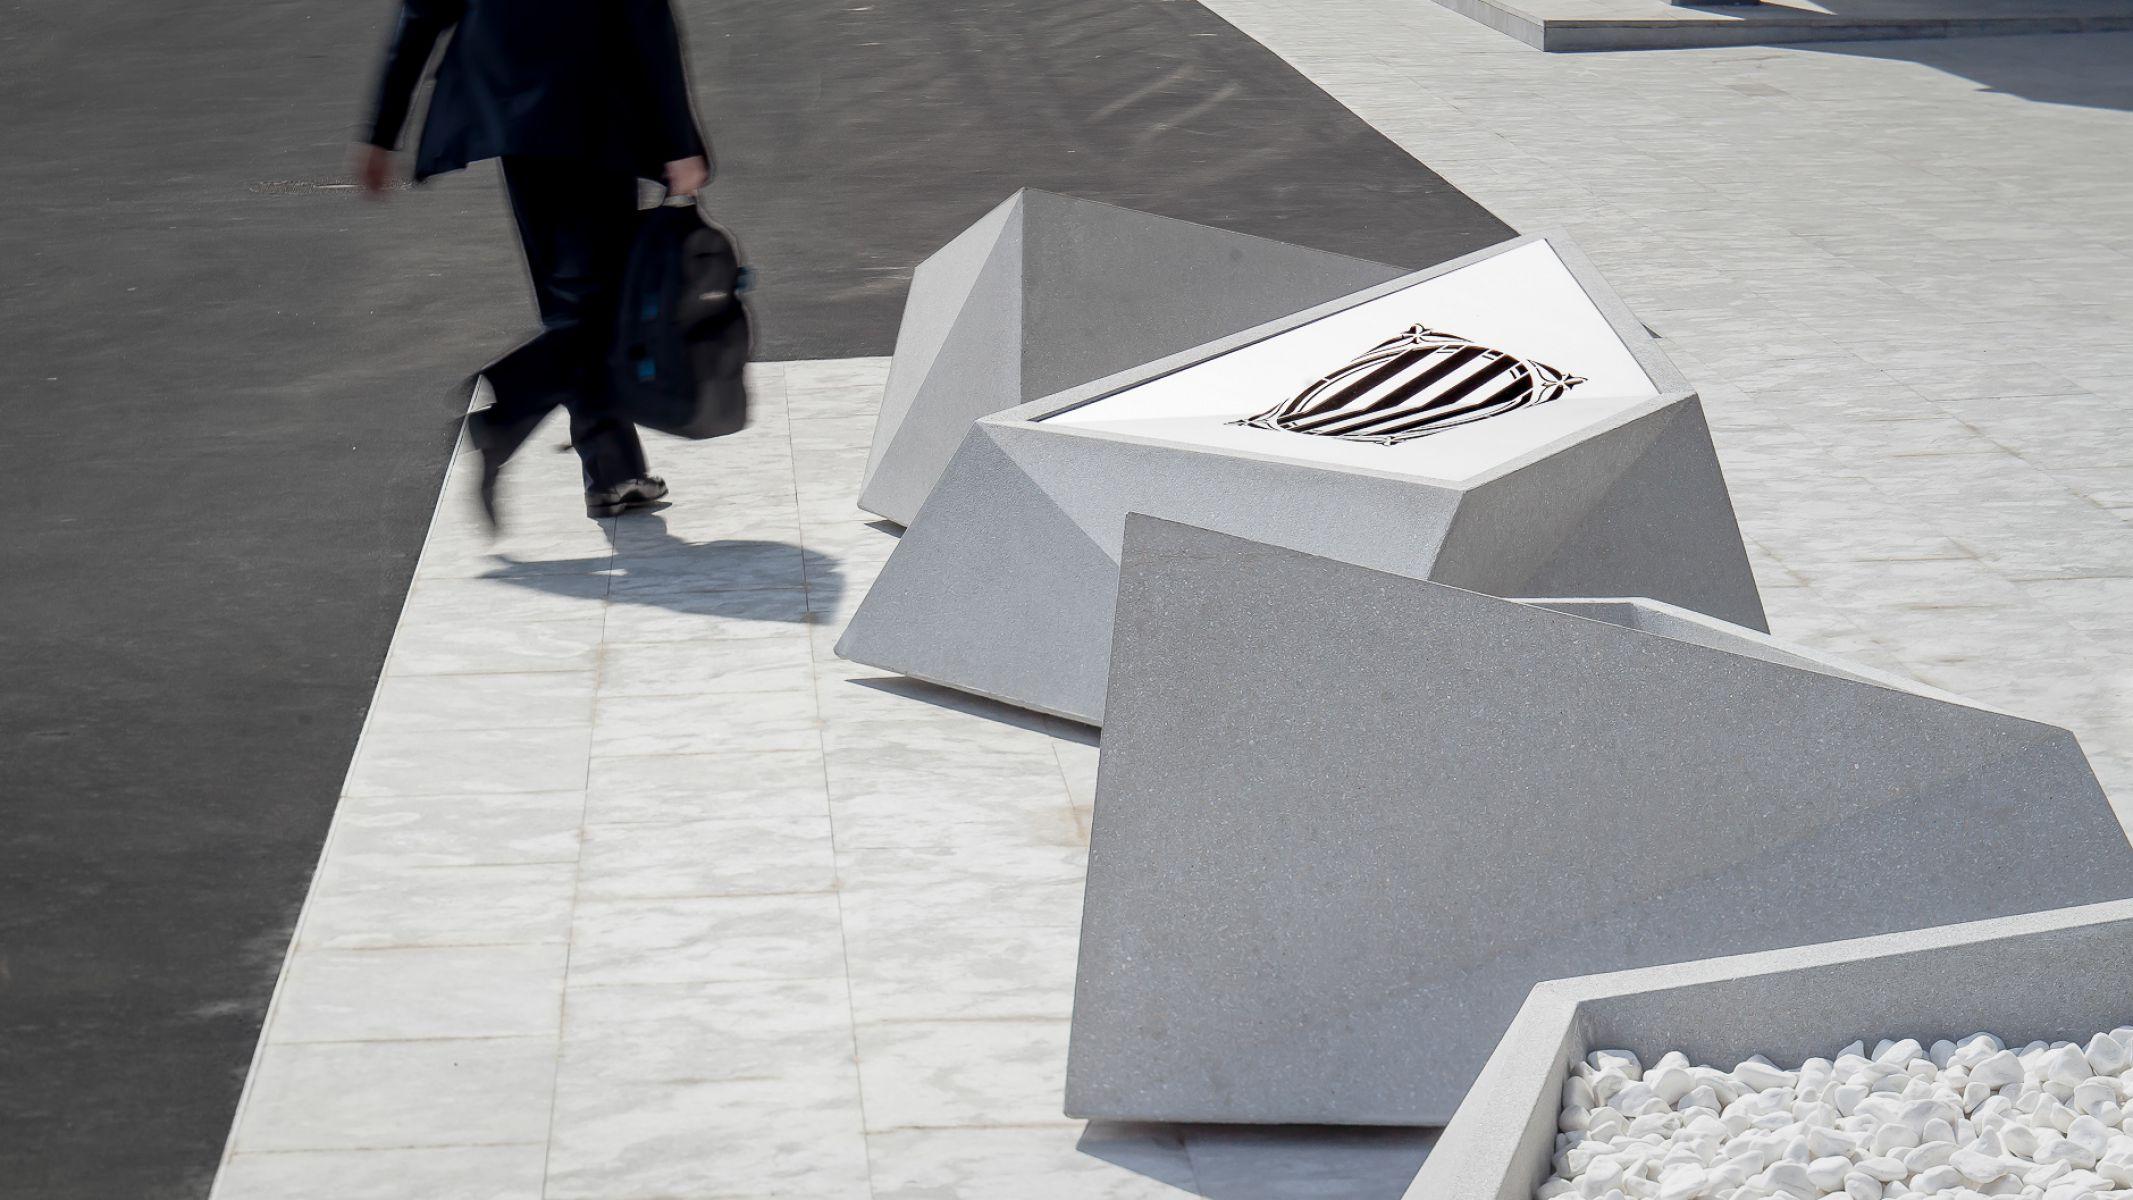 Roc zitelement is ideaal voor openbare pleinen